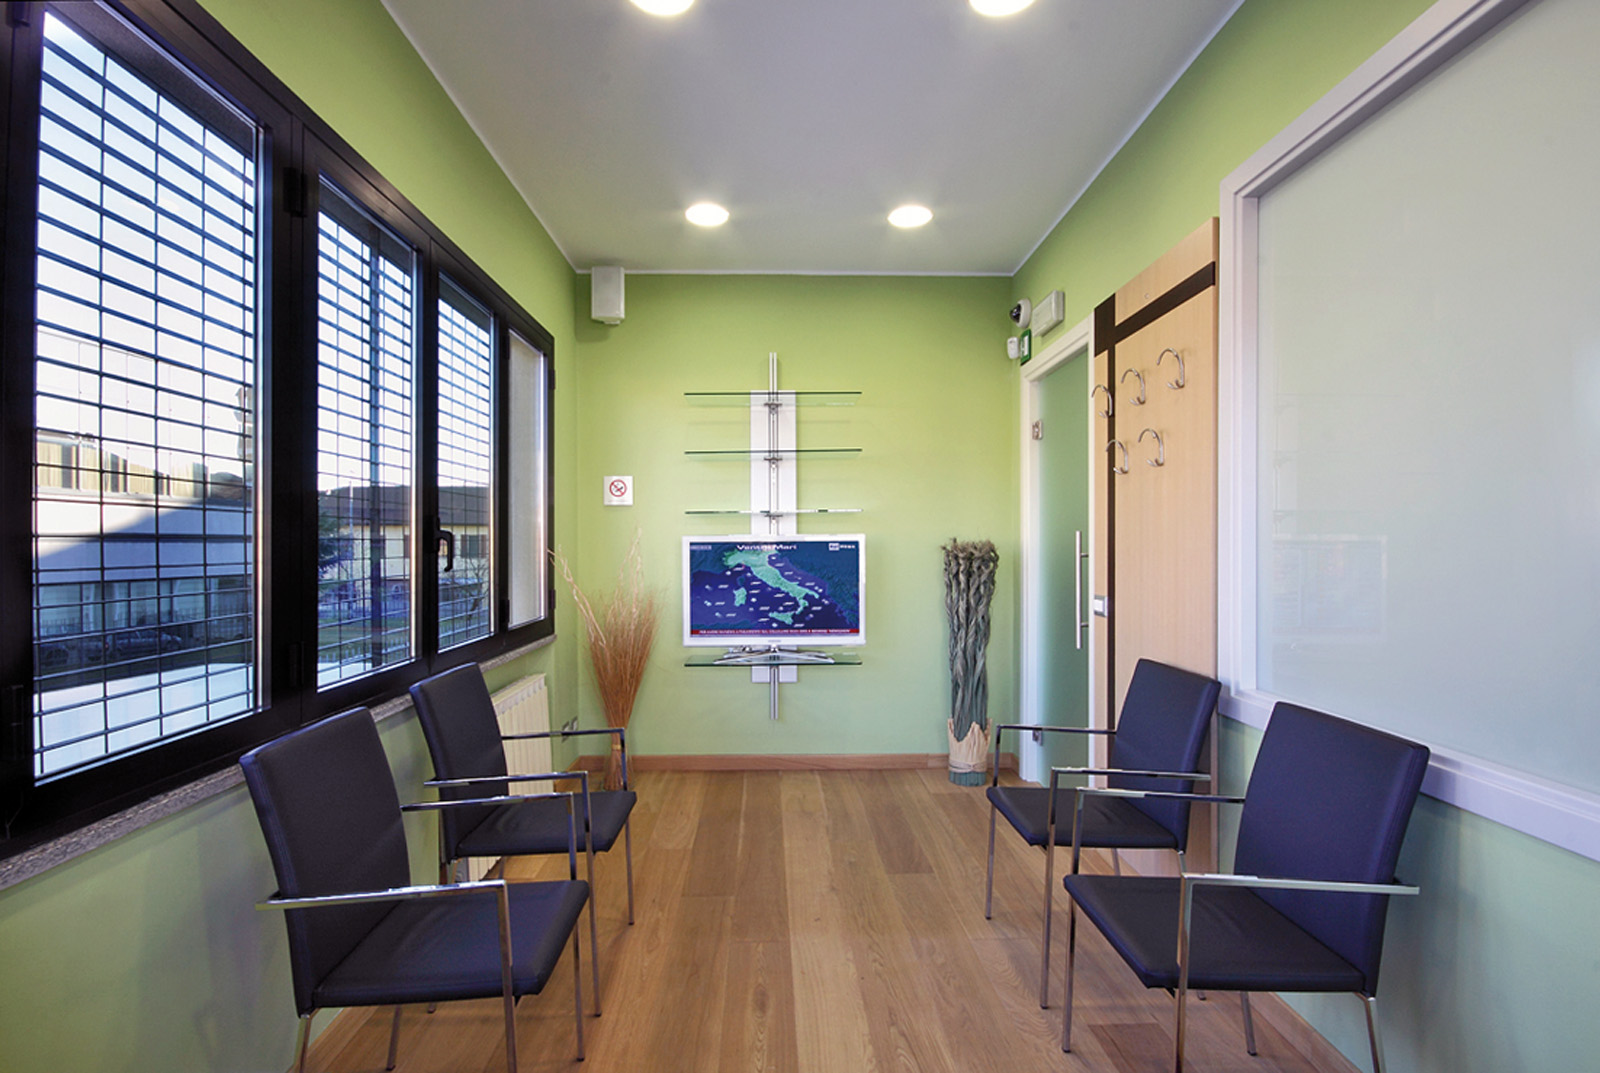 Colori Adatti Per Ufficio.L Uso Del Colore Dm Il Dentista Moderno